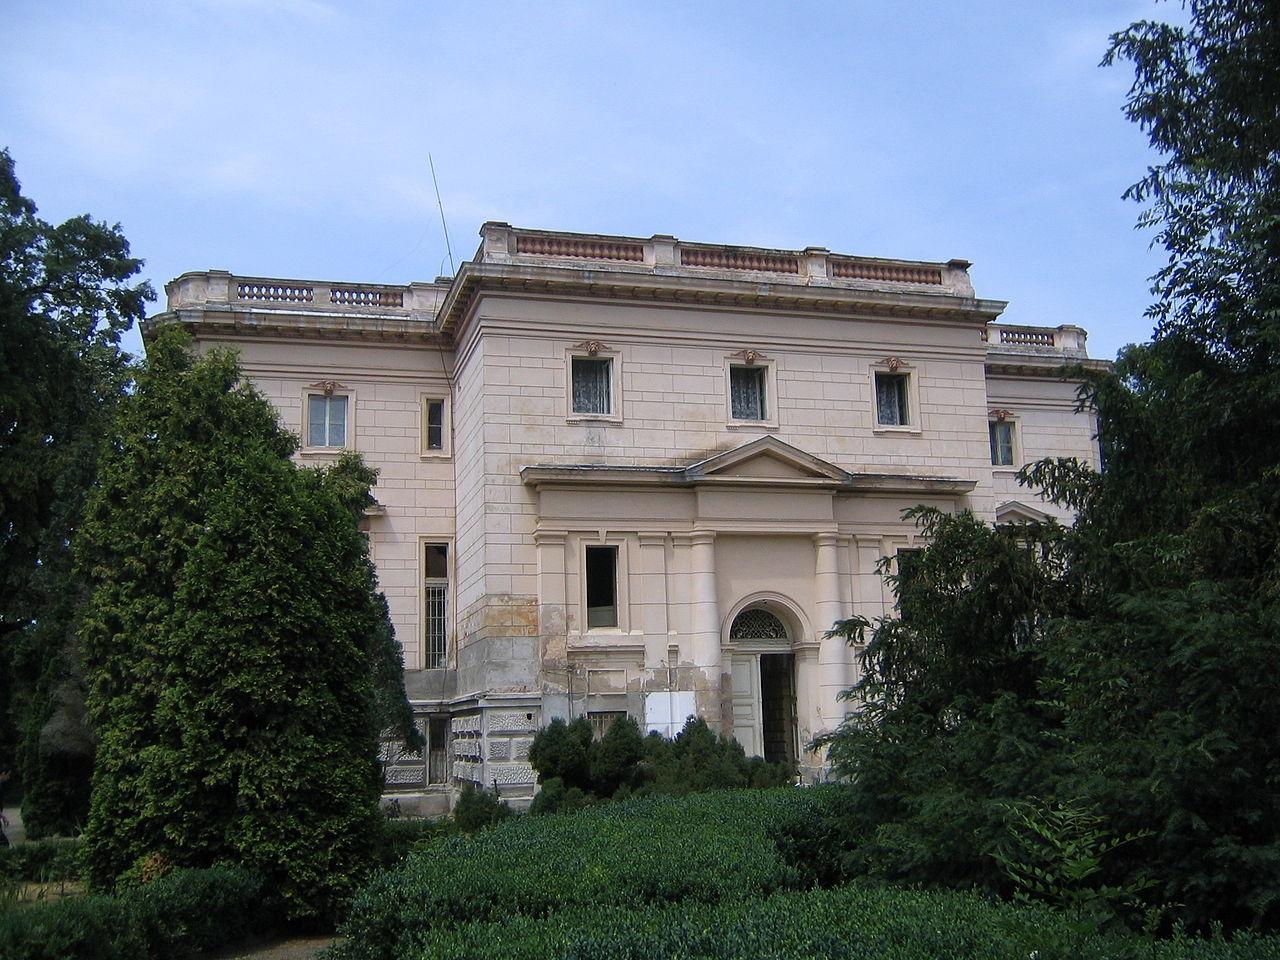 Castelul de la Capalnas, Arad2.jpg